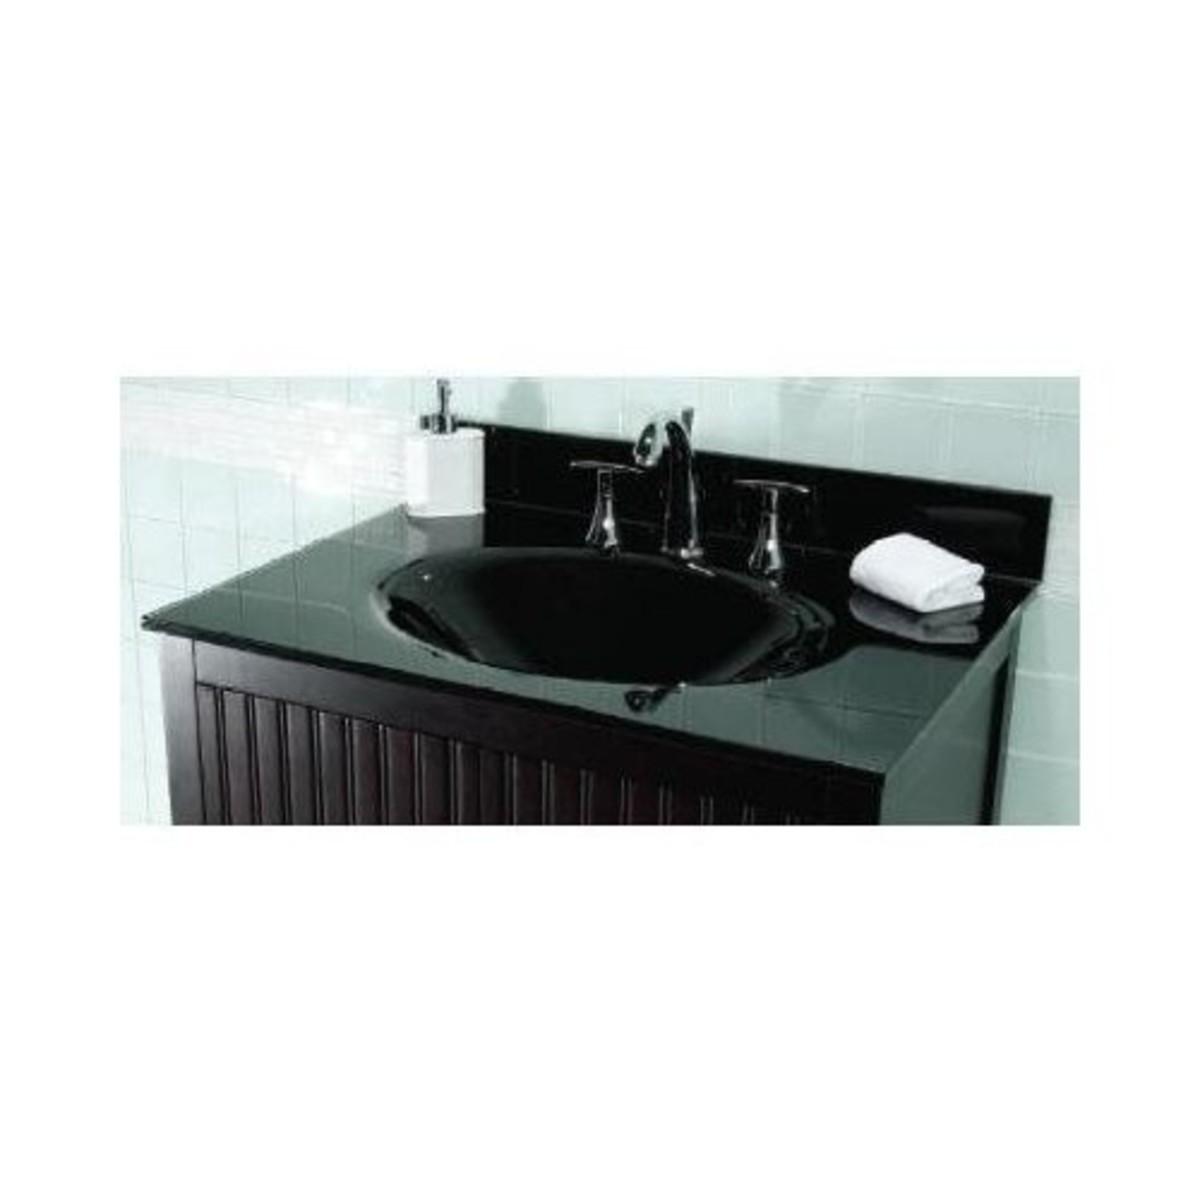 pegasus-vanity-buy-a-pegasus-bathroom-vanity-top-on-sale-now